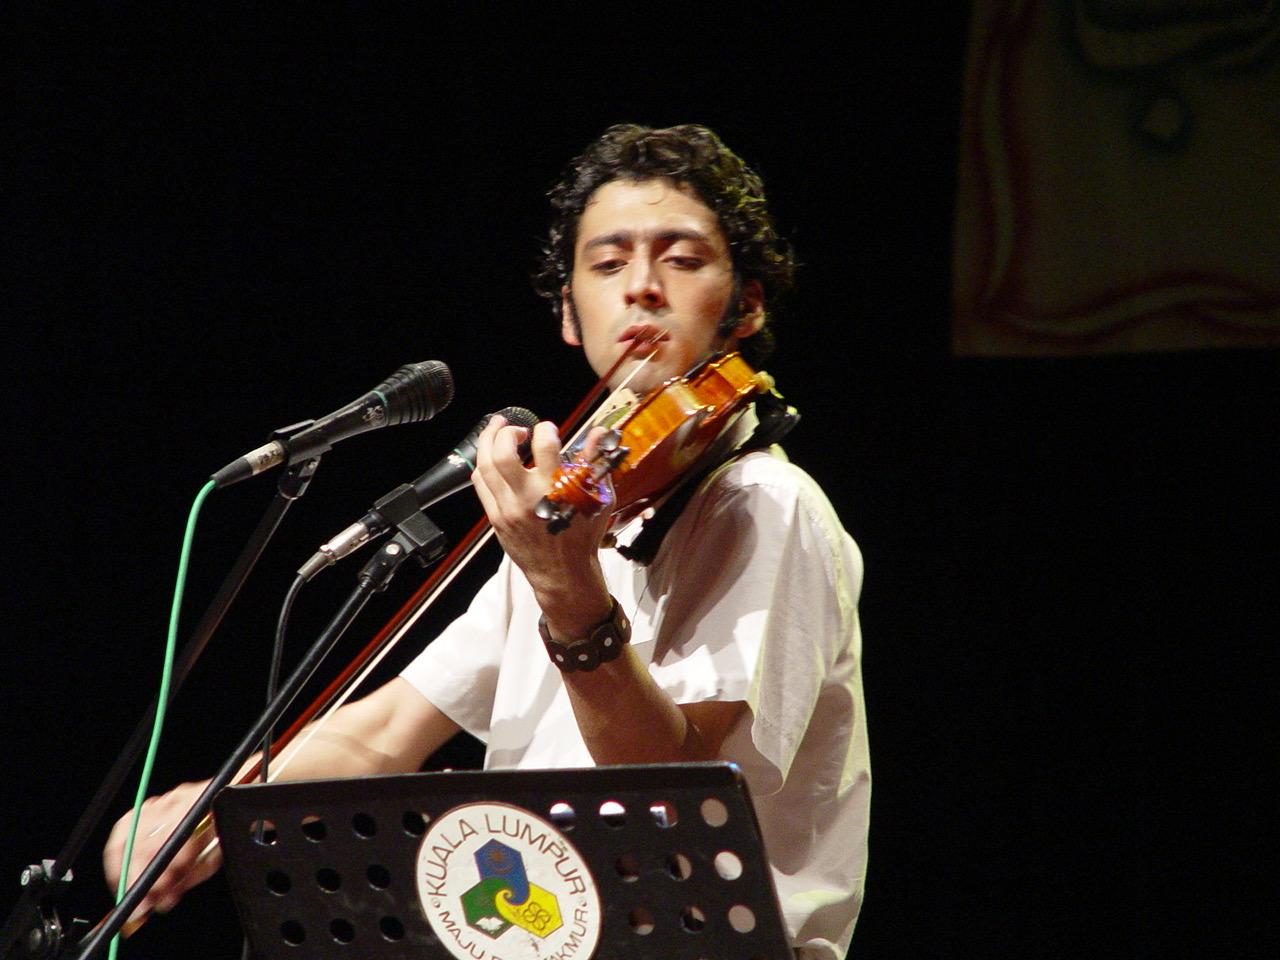 Hossein_Hadisi_Composer_Violinist